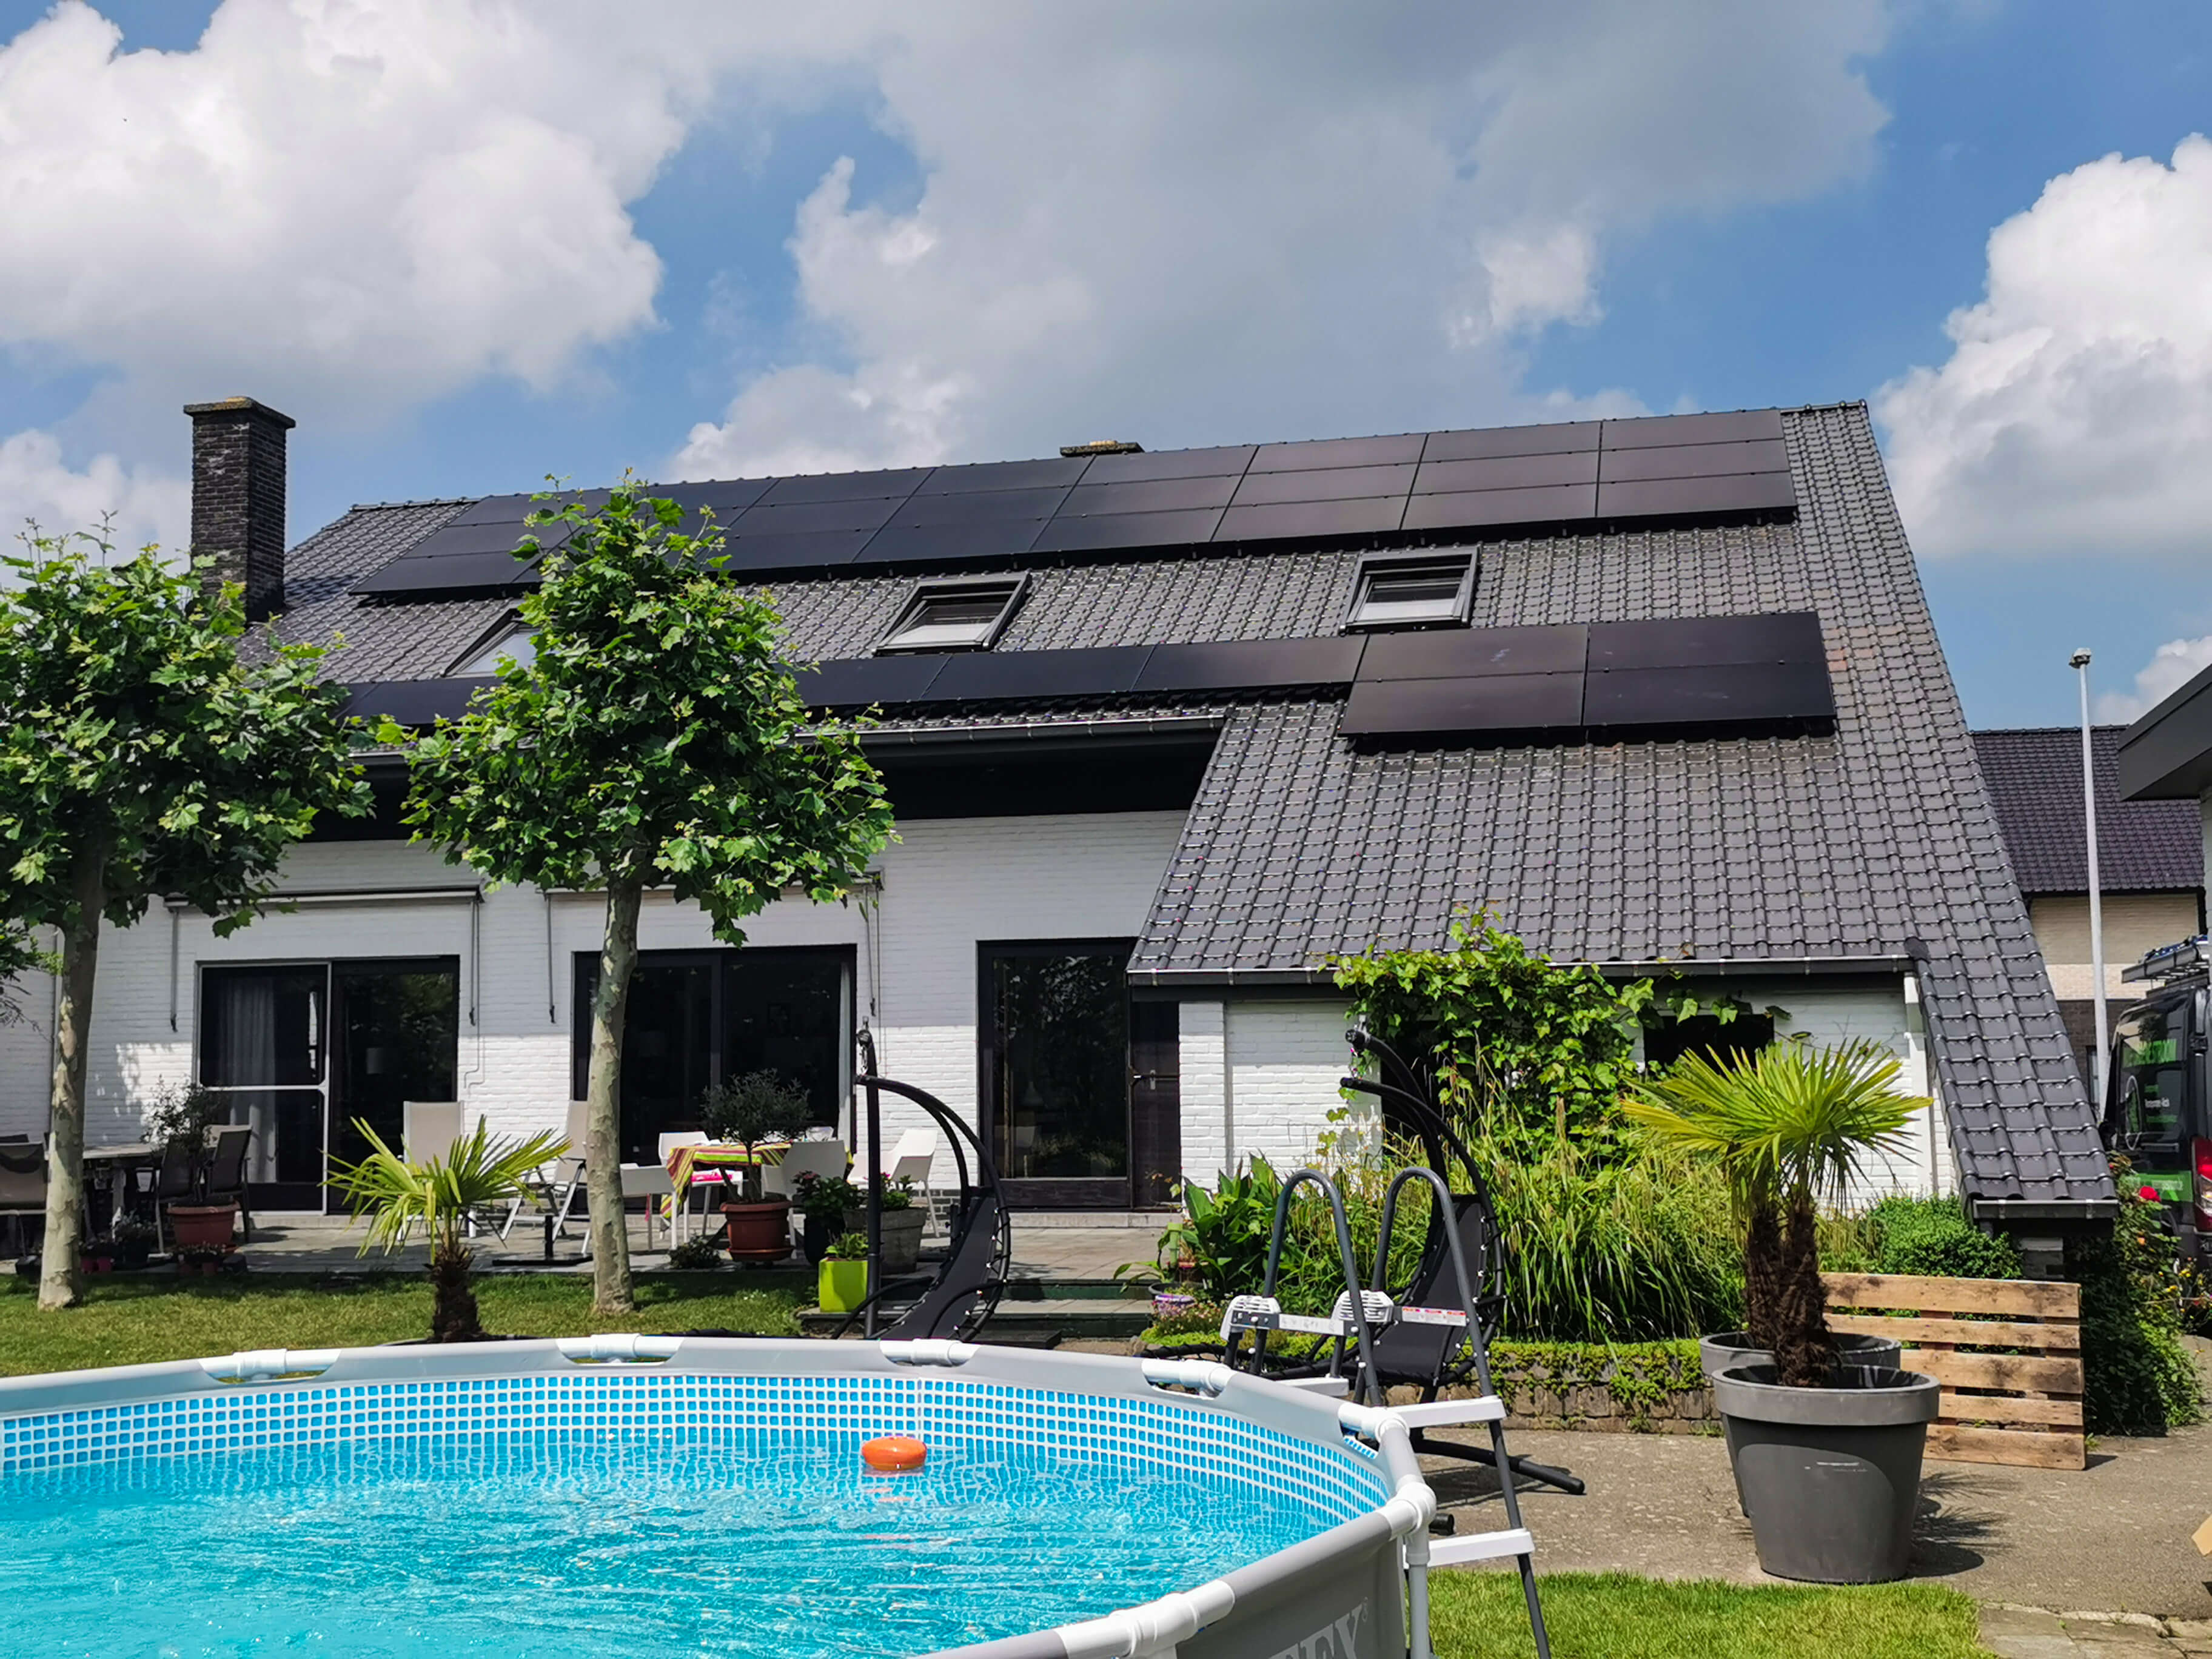 Volledige zonnepanelen installatie op dak van riante villa in het waasland.